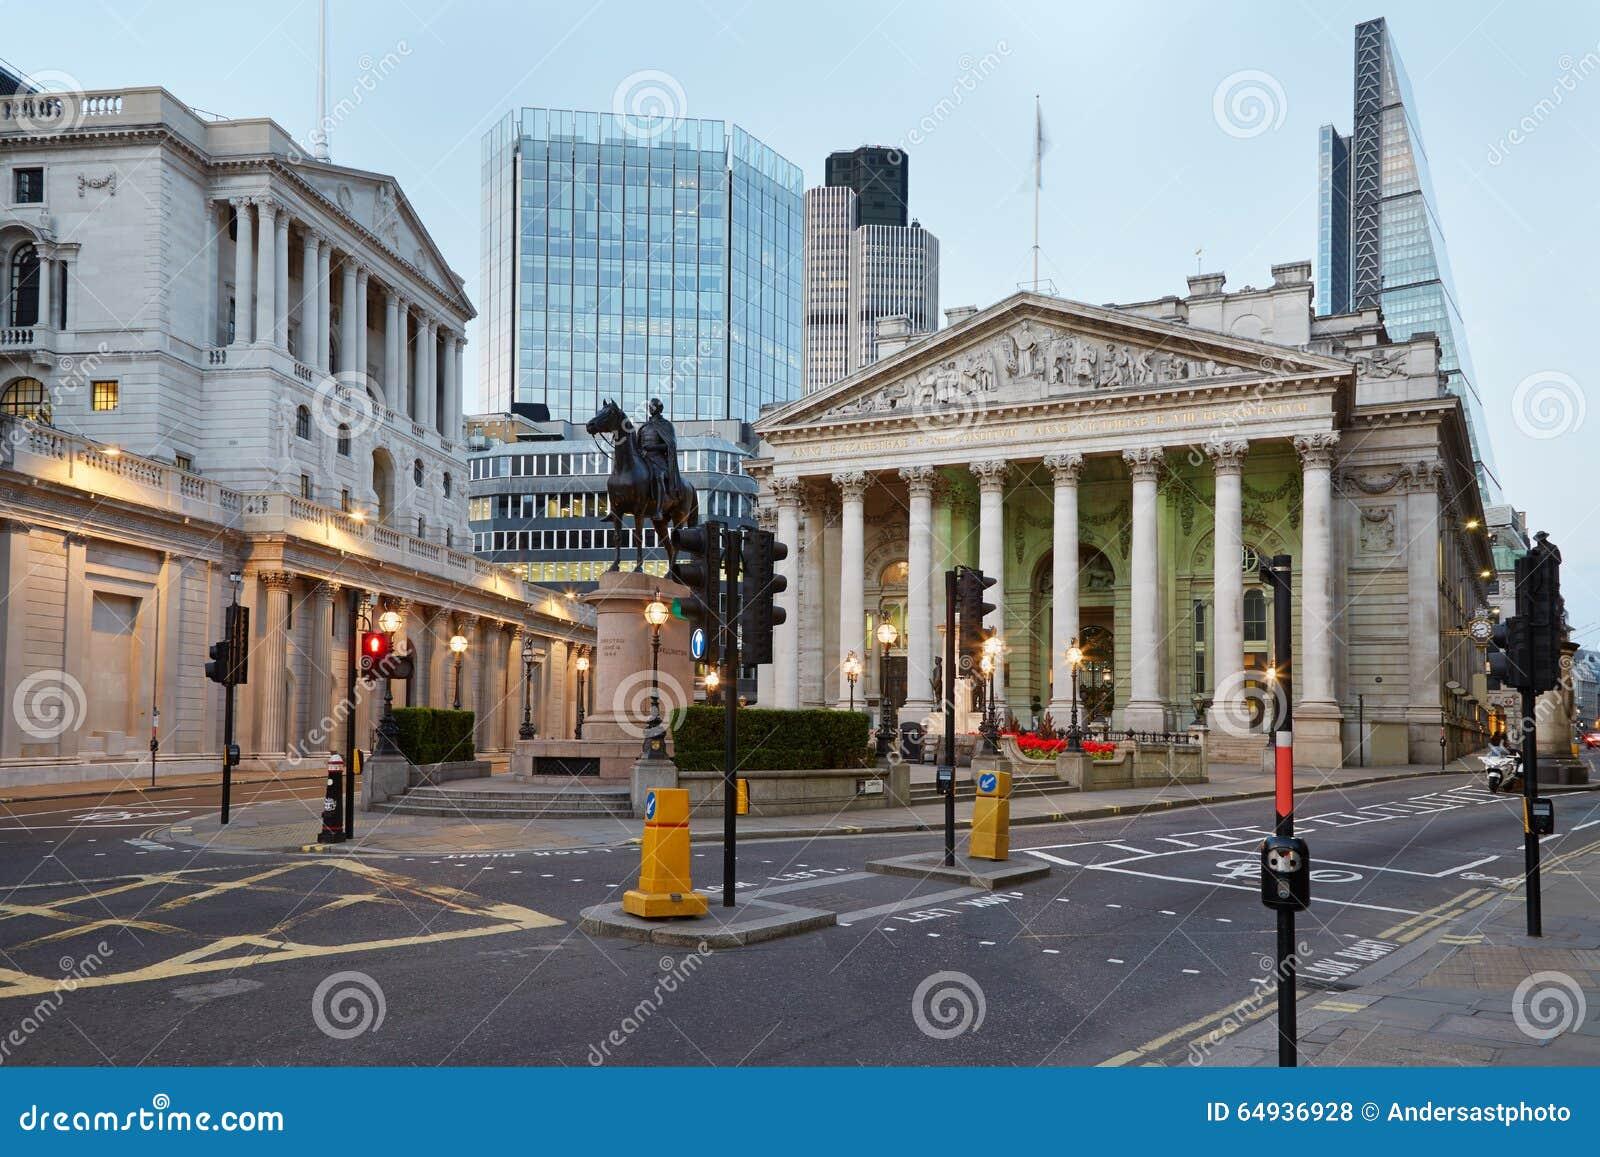 Ανταλλαγή και Τράπεζα της Αγγλίας του Λονδίνου βασιλική